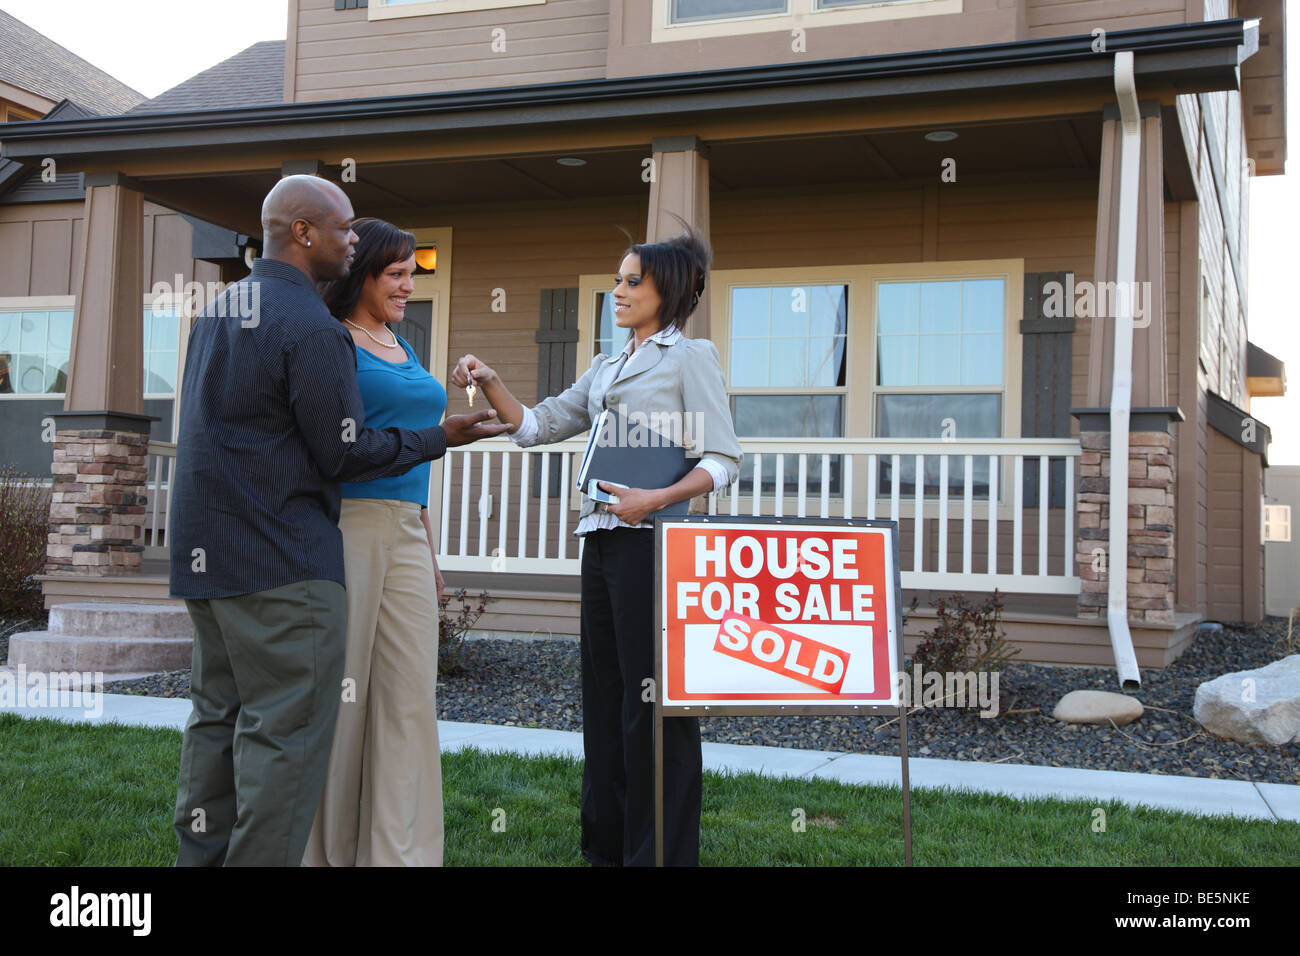 Agente immobiliare dando giovane le chiavi di casa nuova Immagini Stock